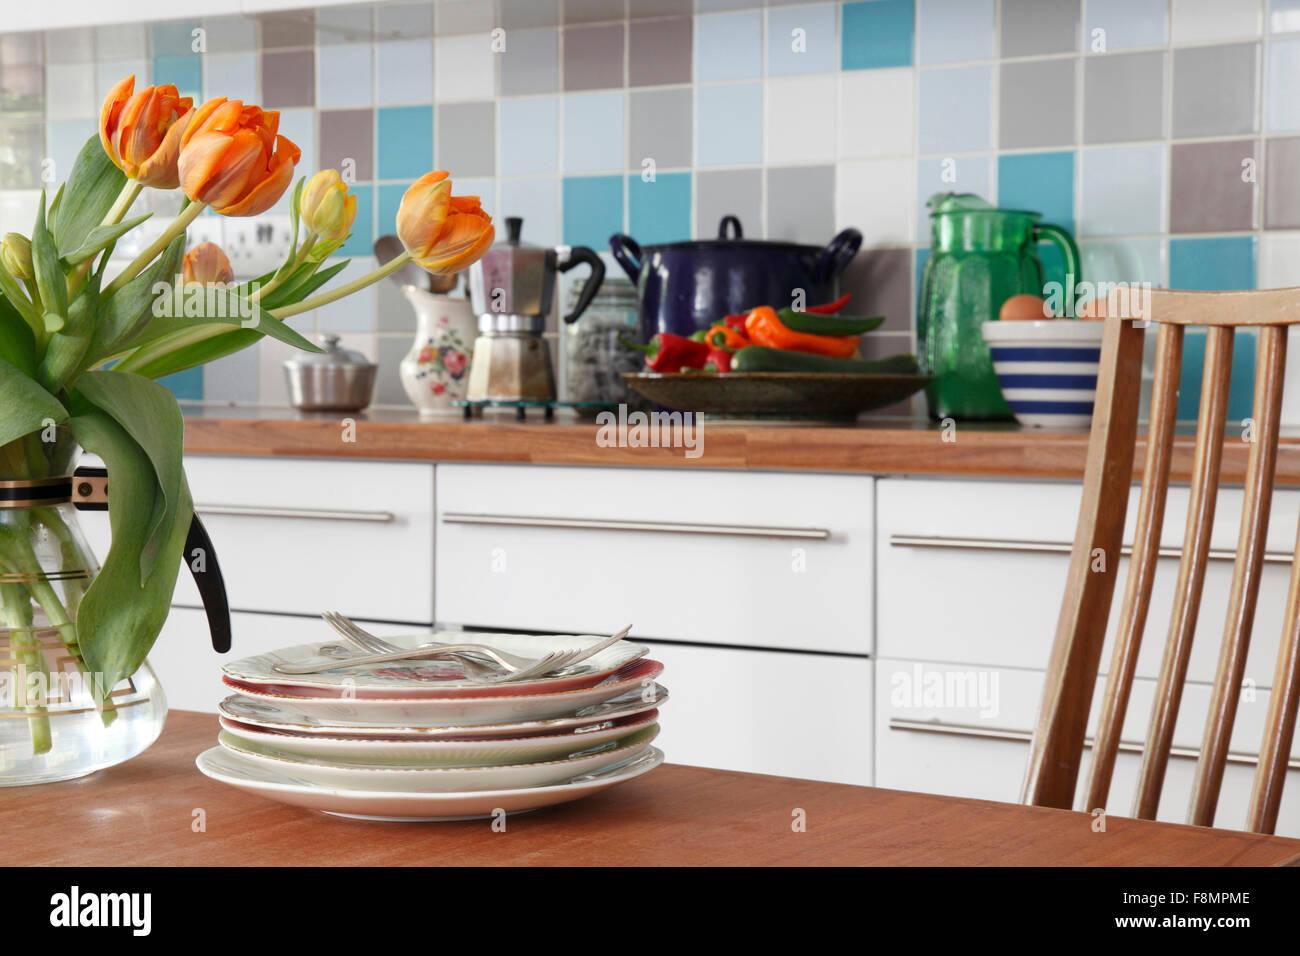 Piastrelle Con Tulipani Rivestimento in ceramica per